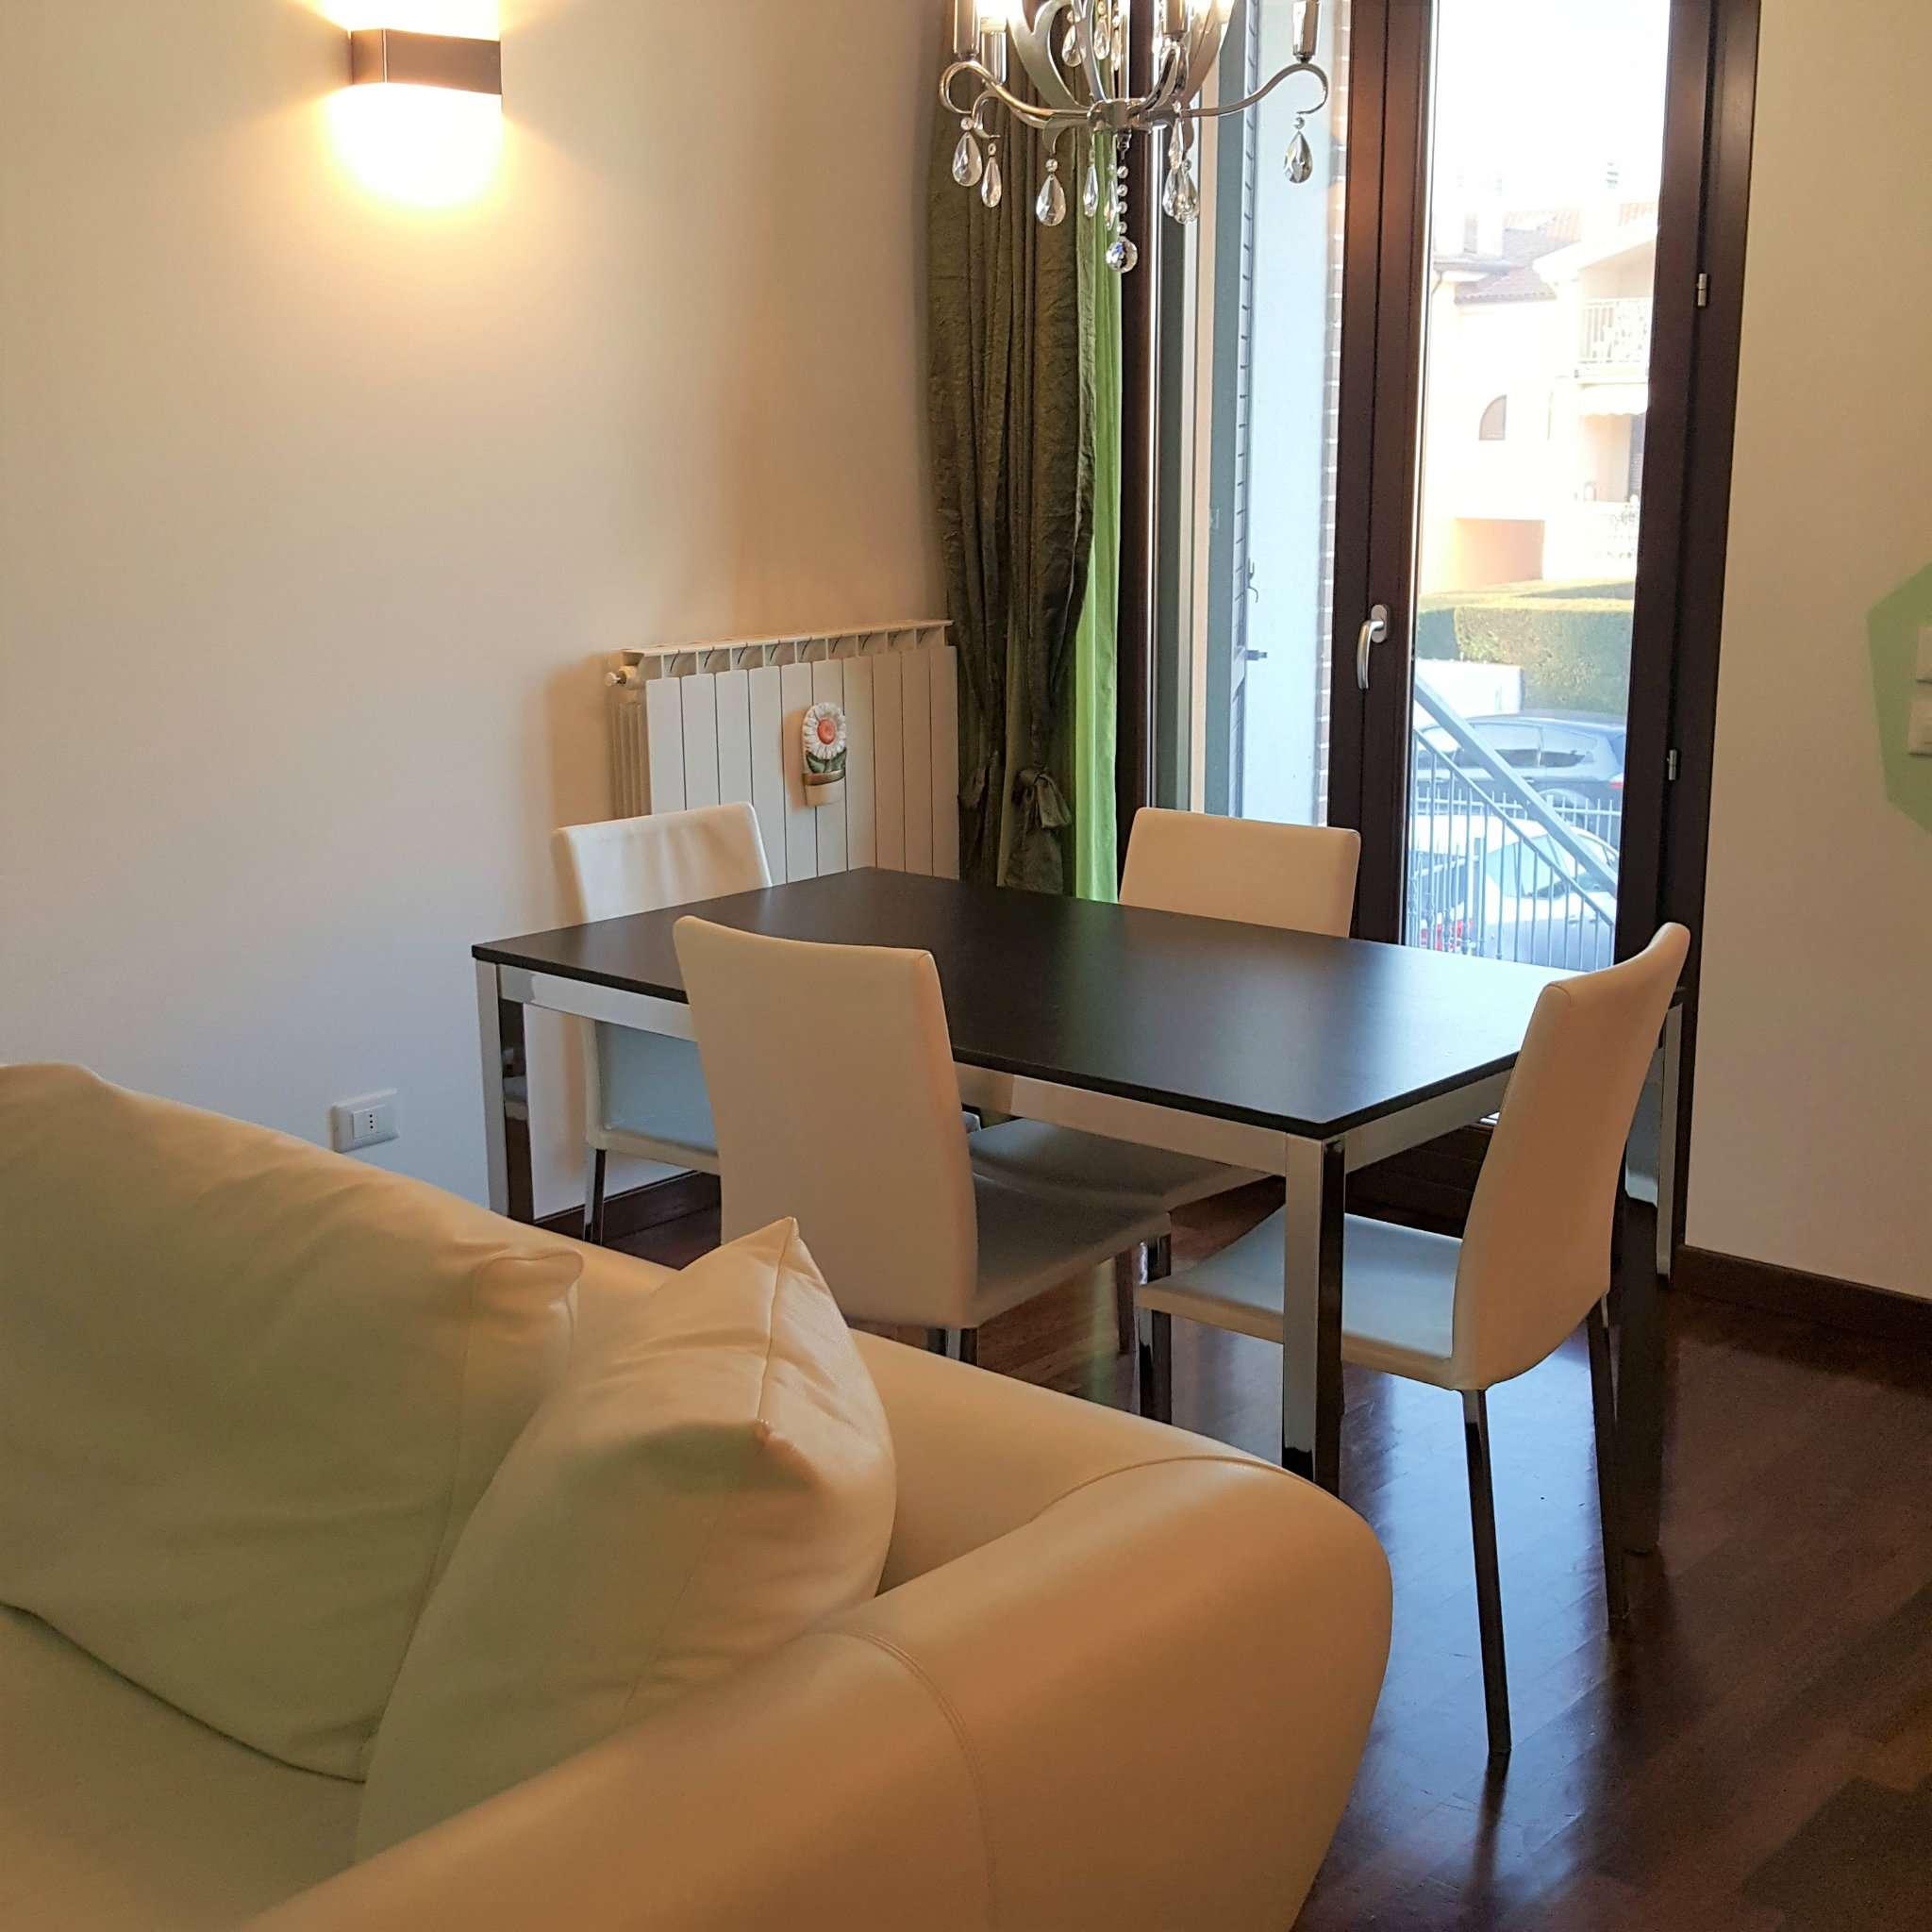 Appartamento in vendita a Osimo, 9999 locali, prezzo € 125.000 | CambioCasa.it